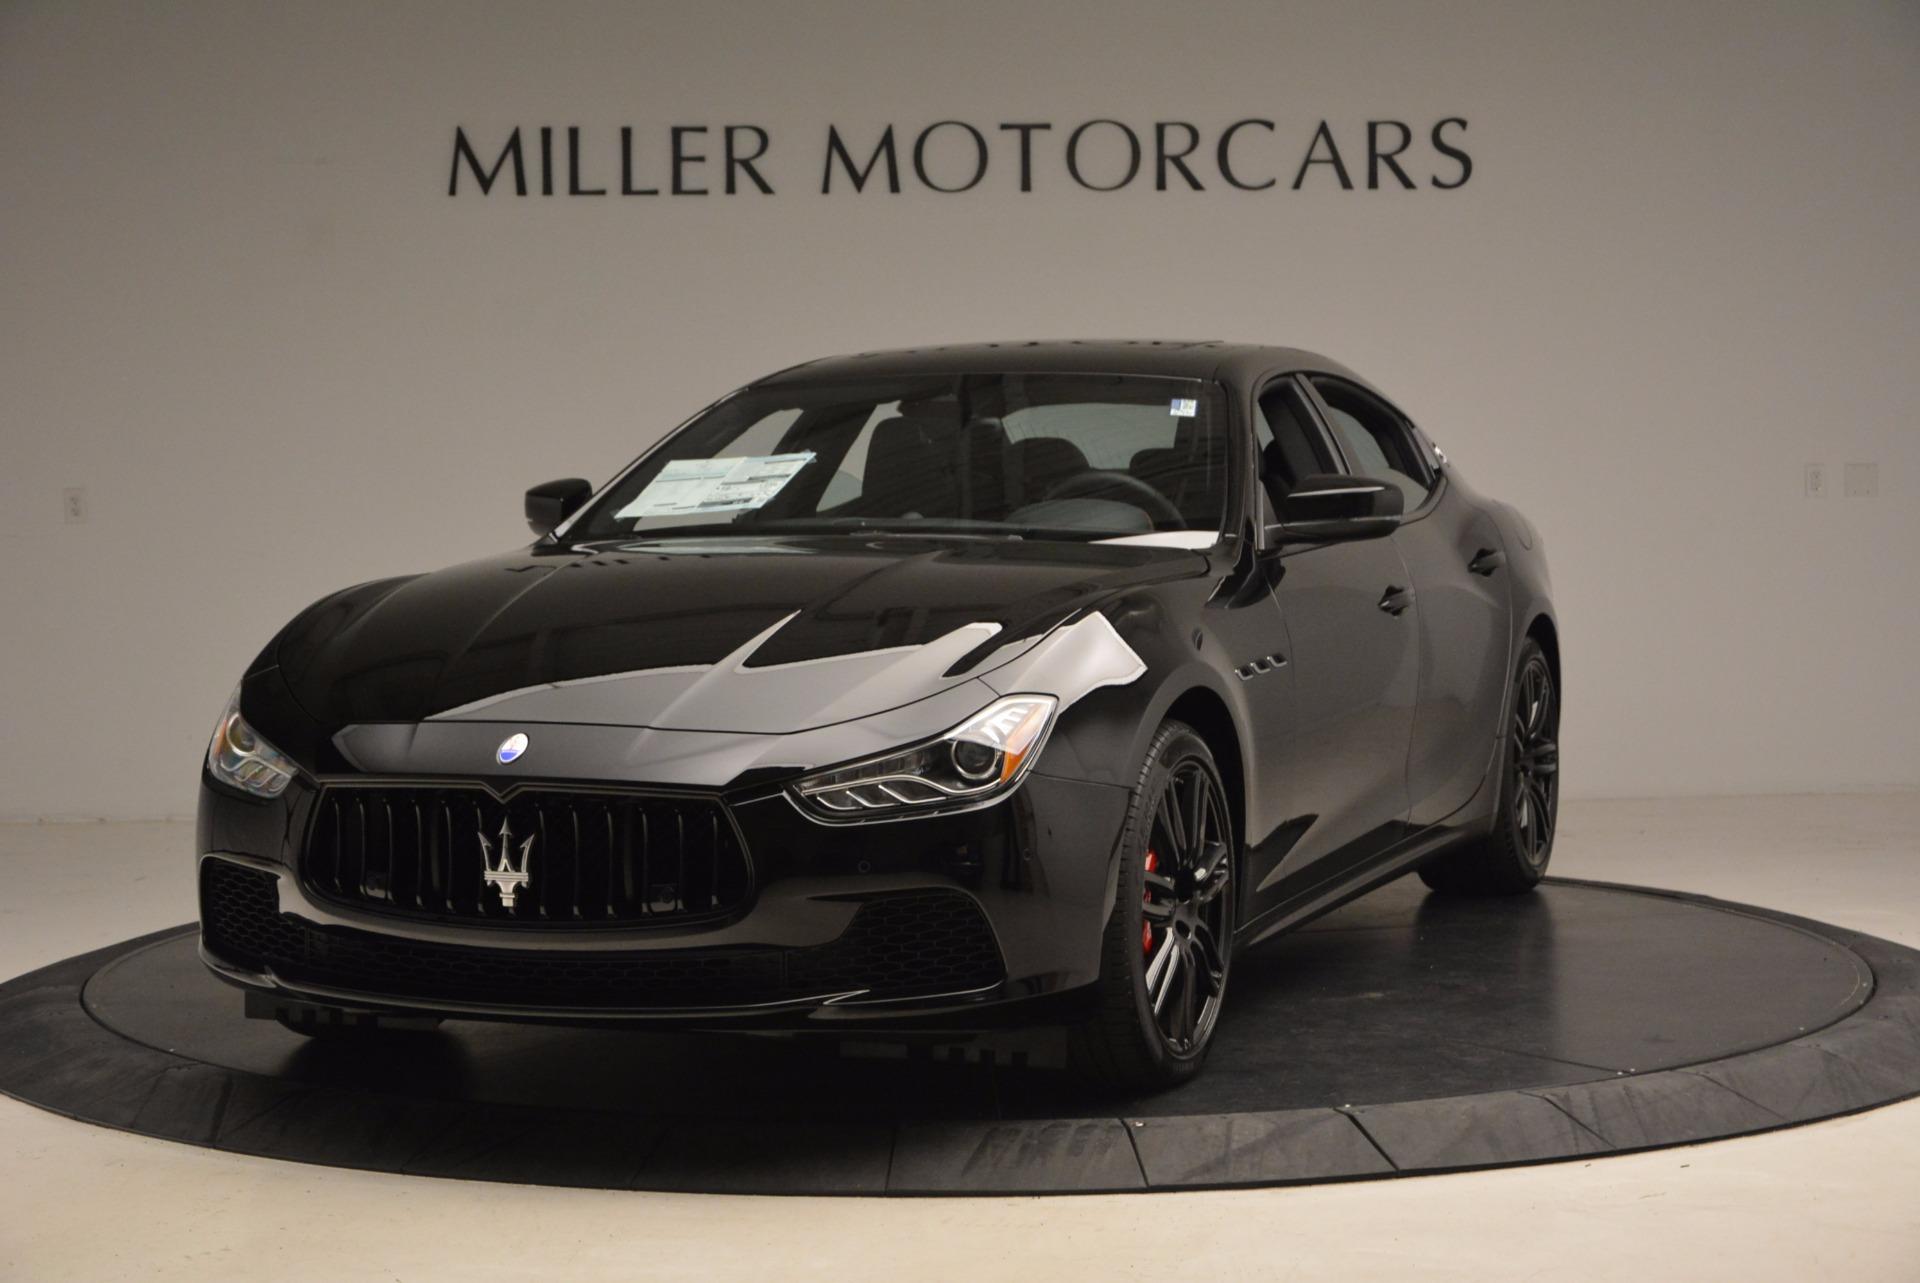 New 2017 Maserati Ghibli SQ4 S Q4 Nerissimo Edition   Greenwich, CT